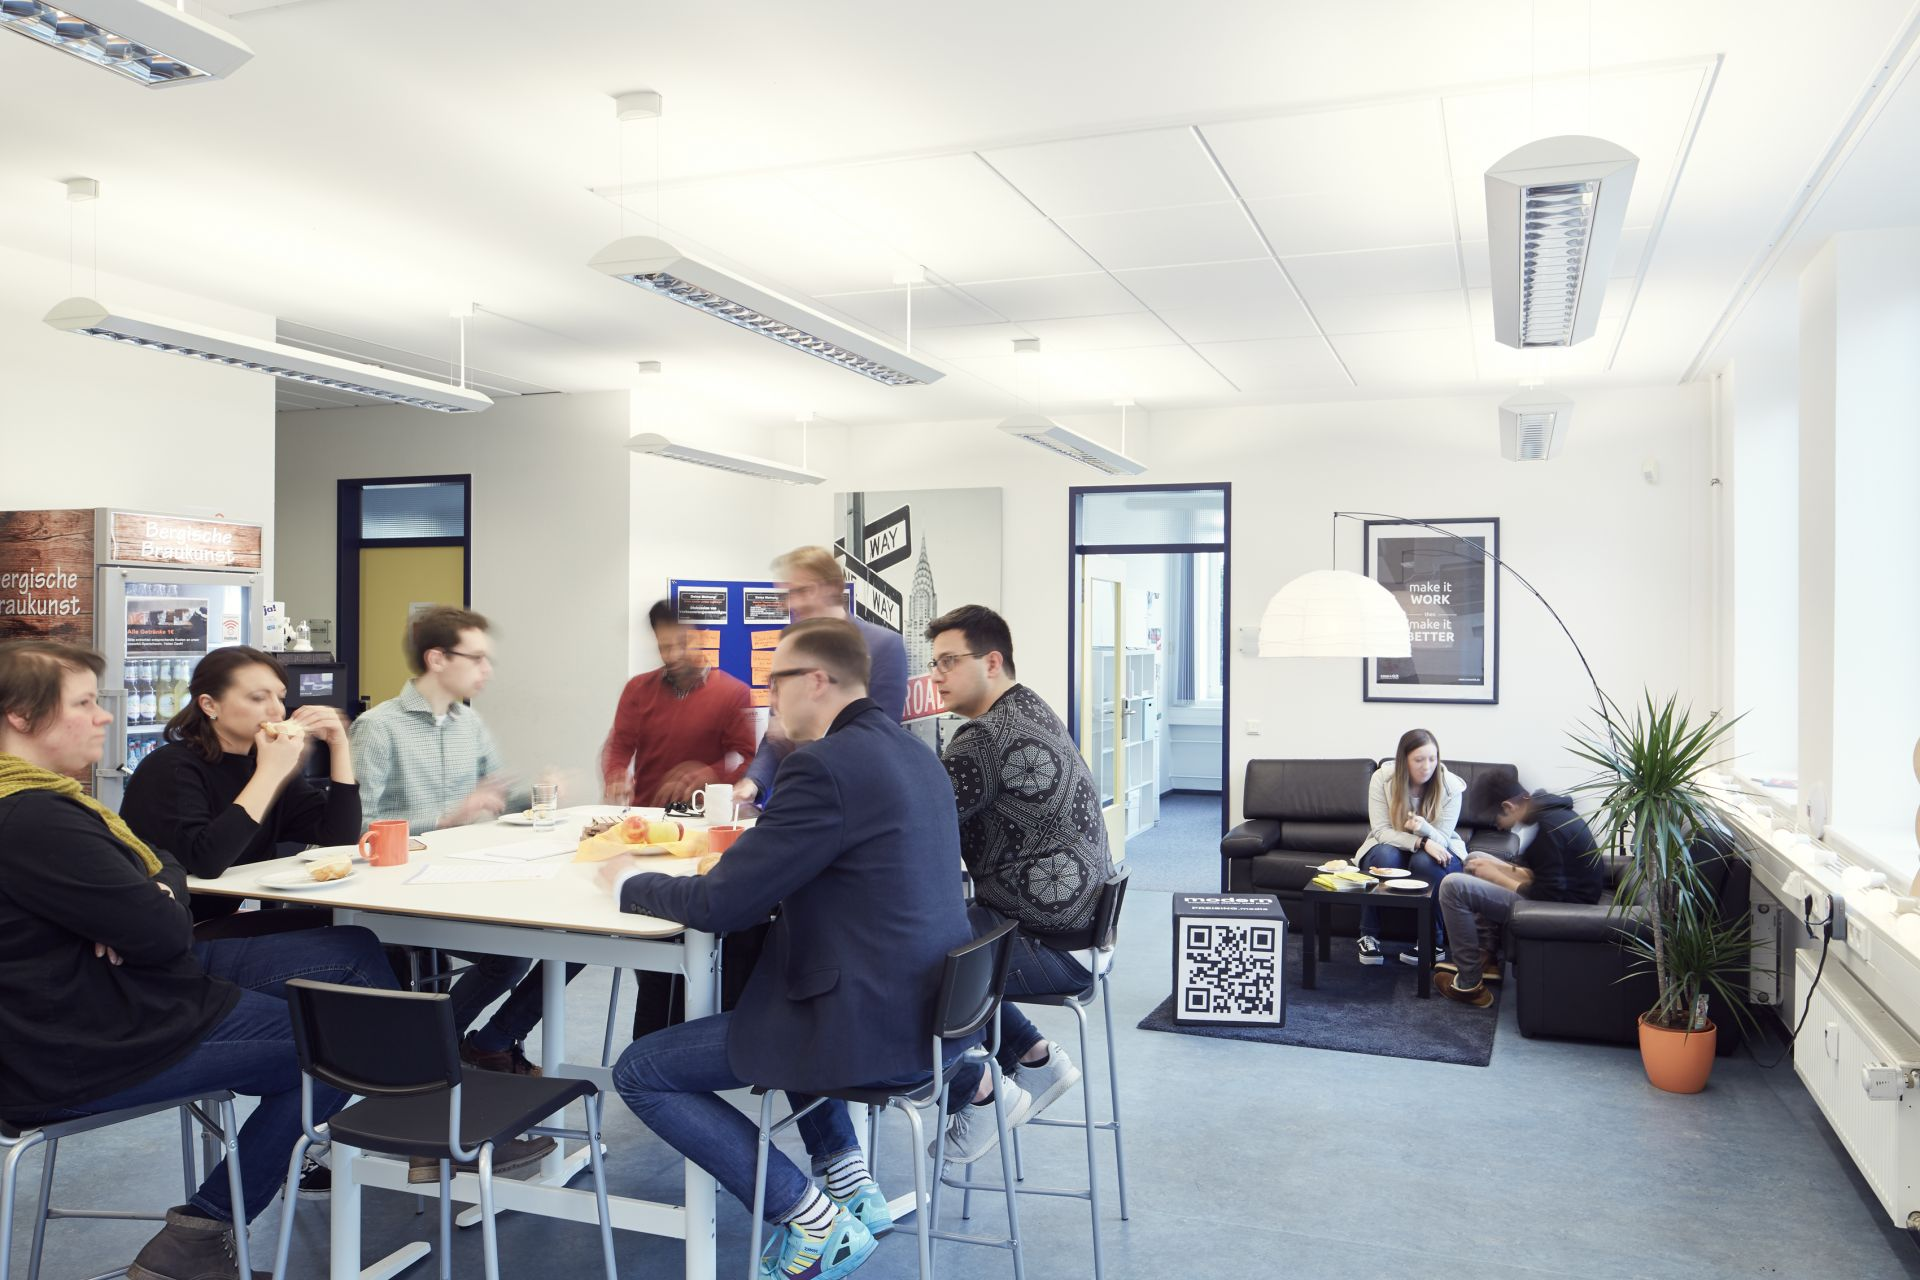 coworkit - Dein Coworkingspace Solingen, Solingen